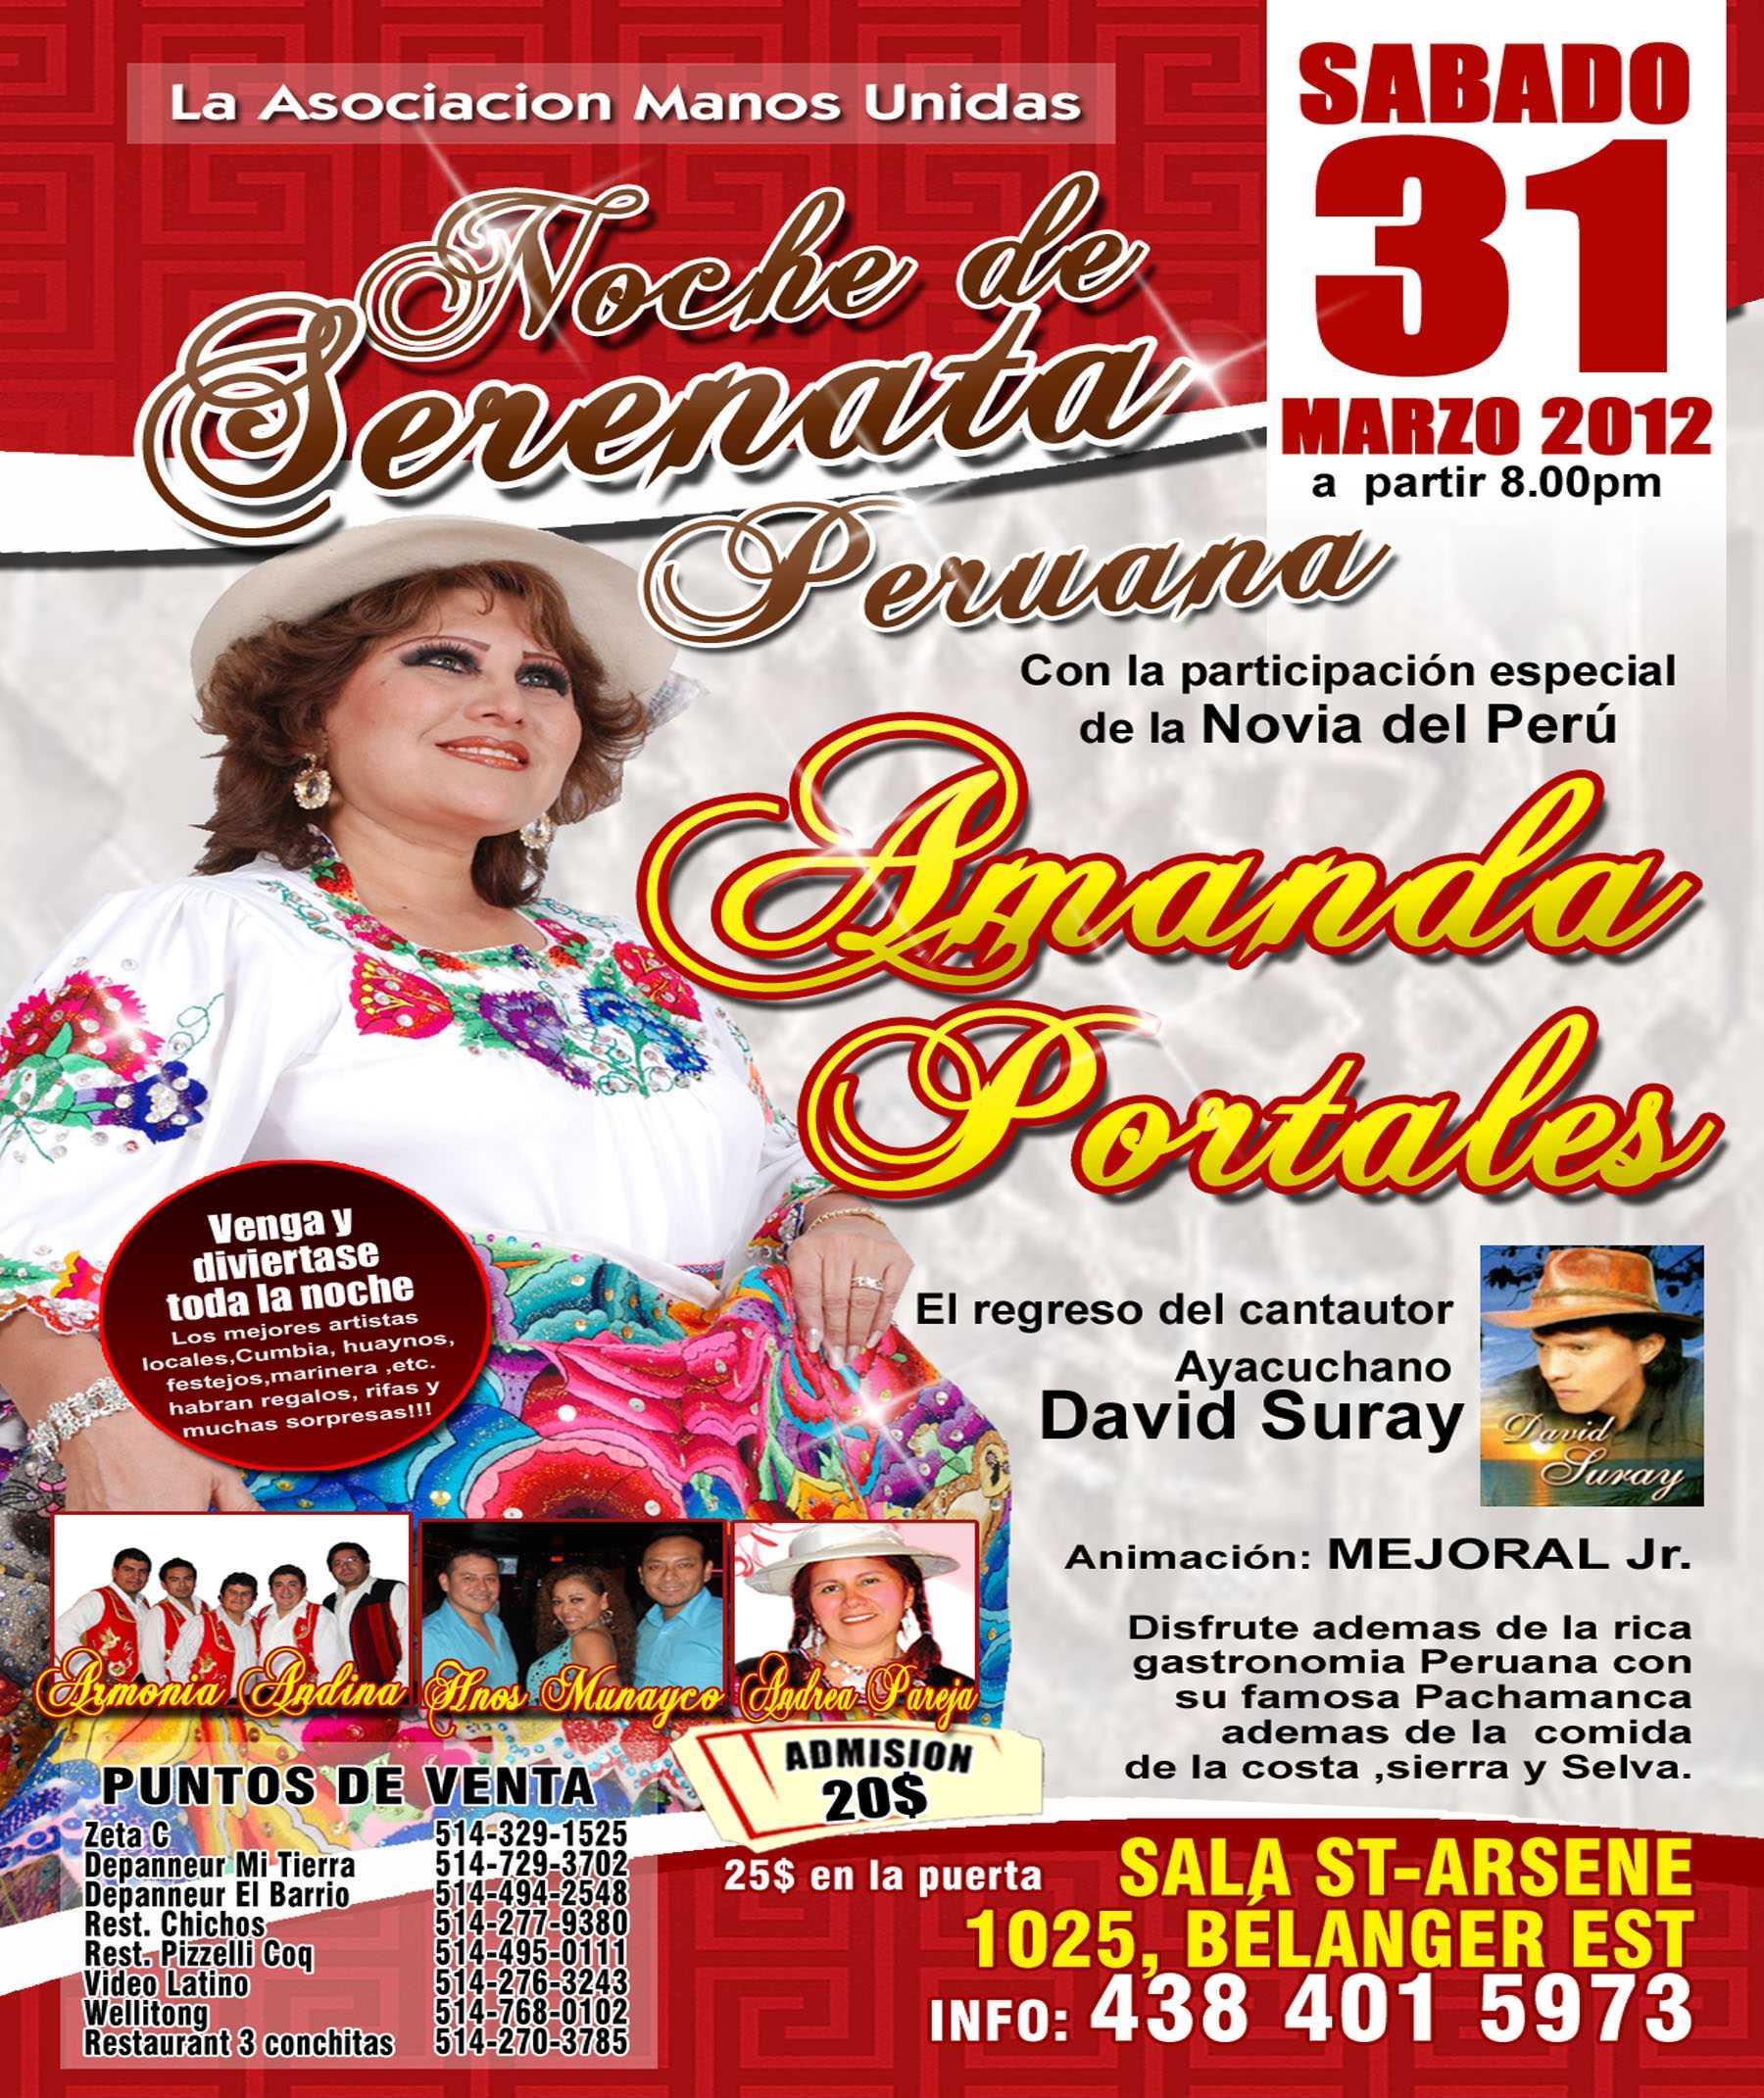 Amanda Portales